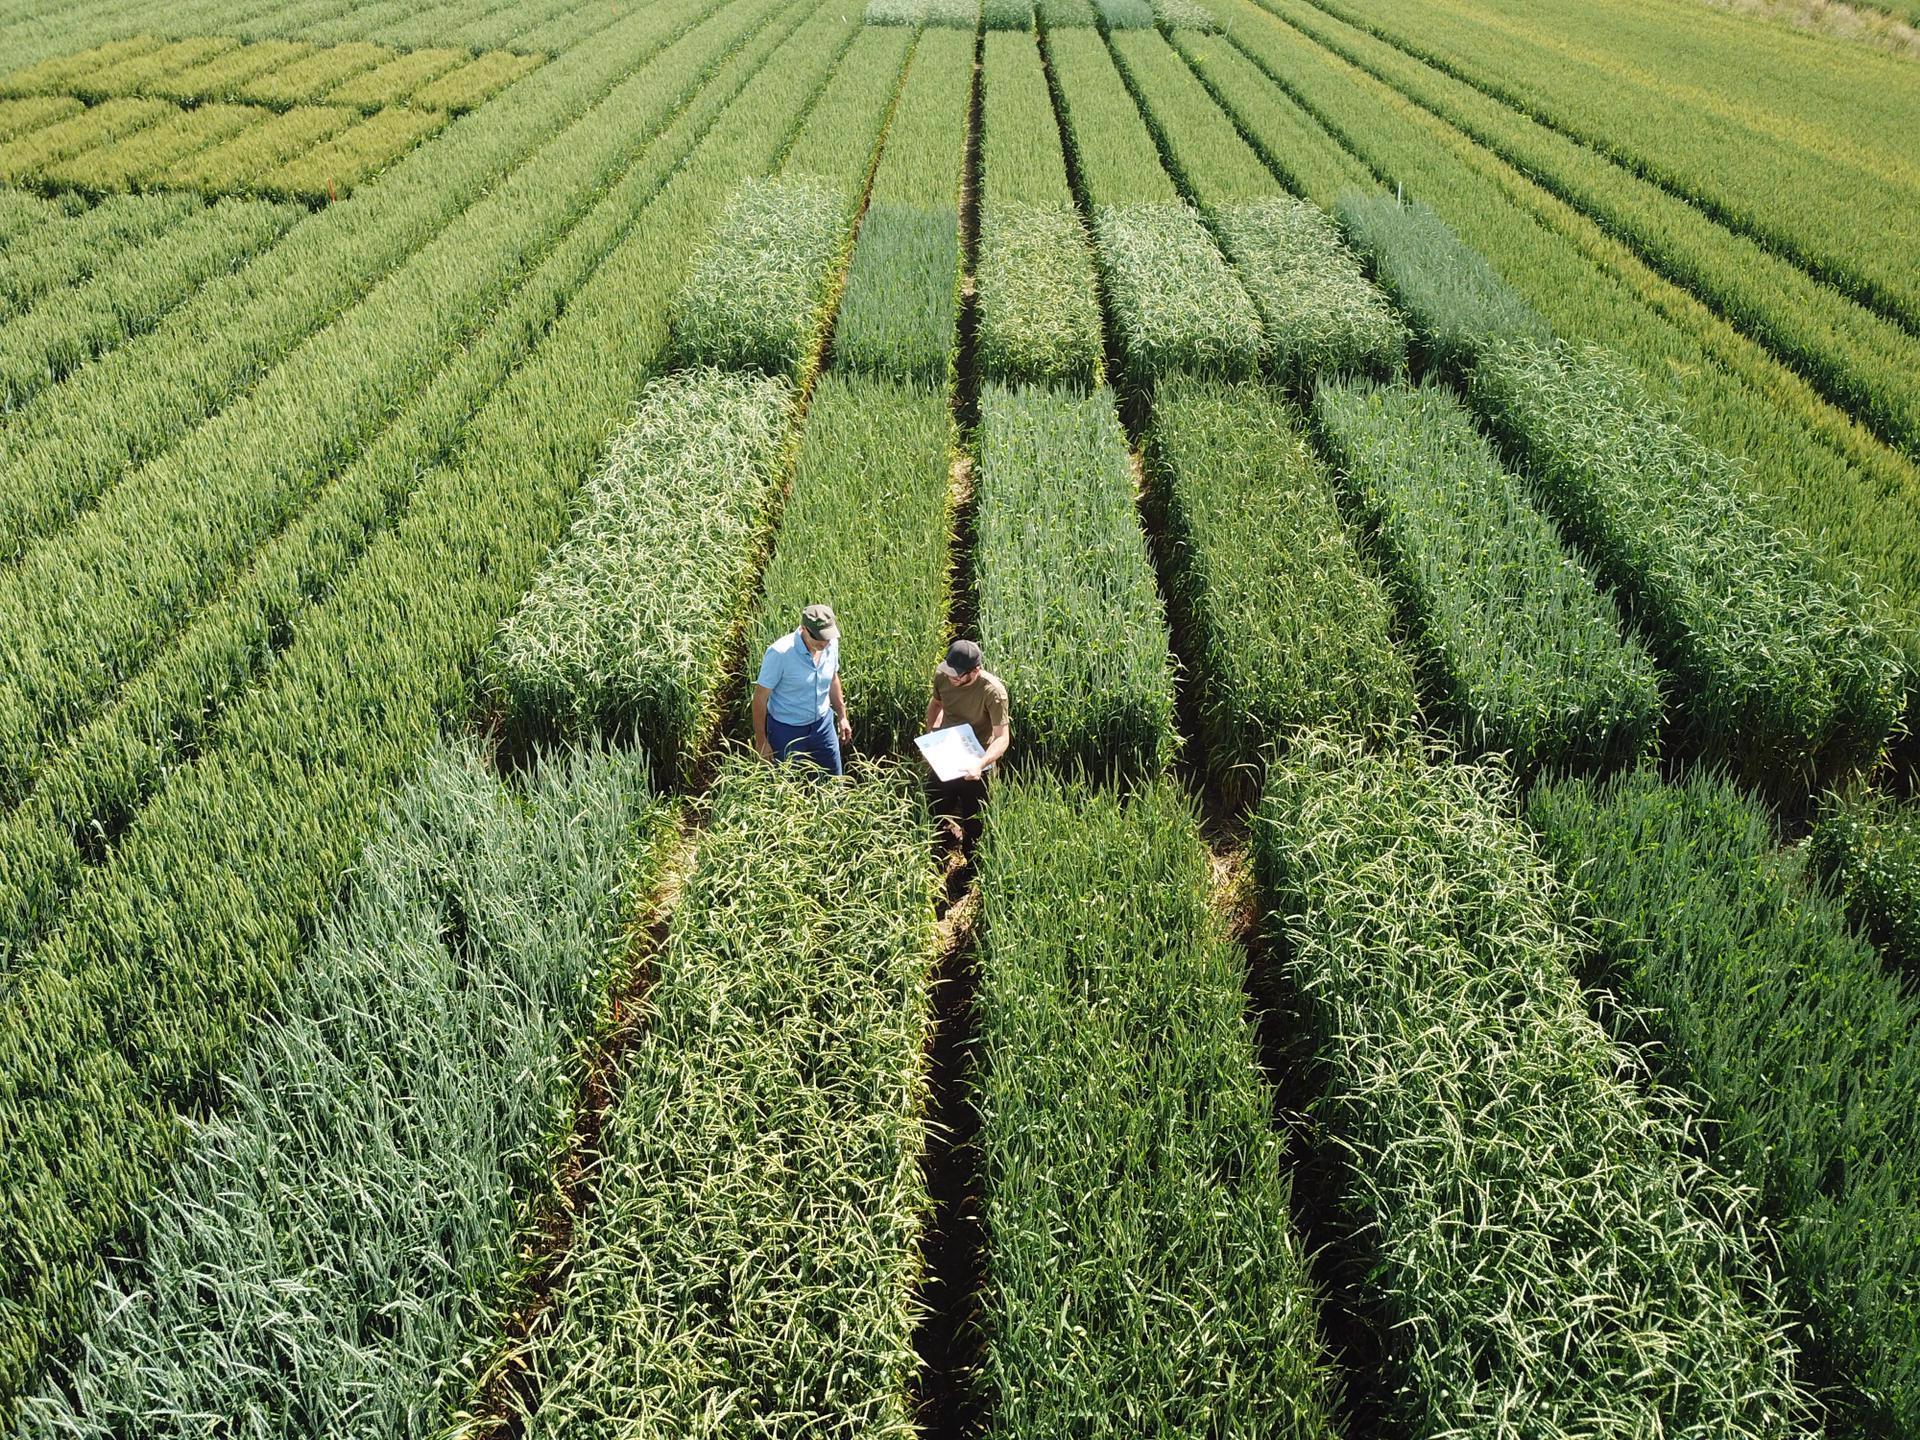 Getreidedünge- und Sortenversuche am Strickhof